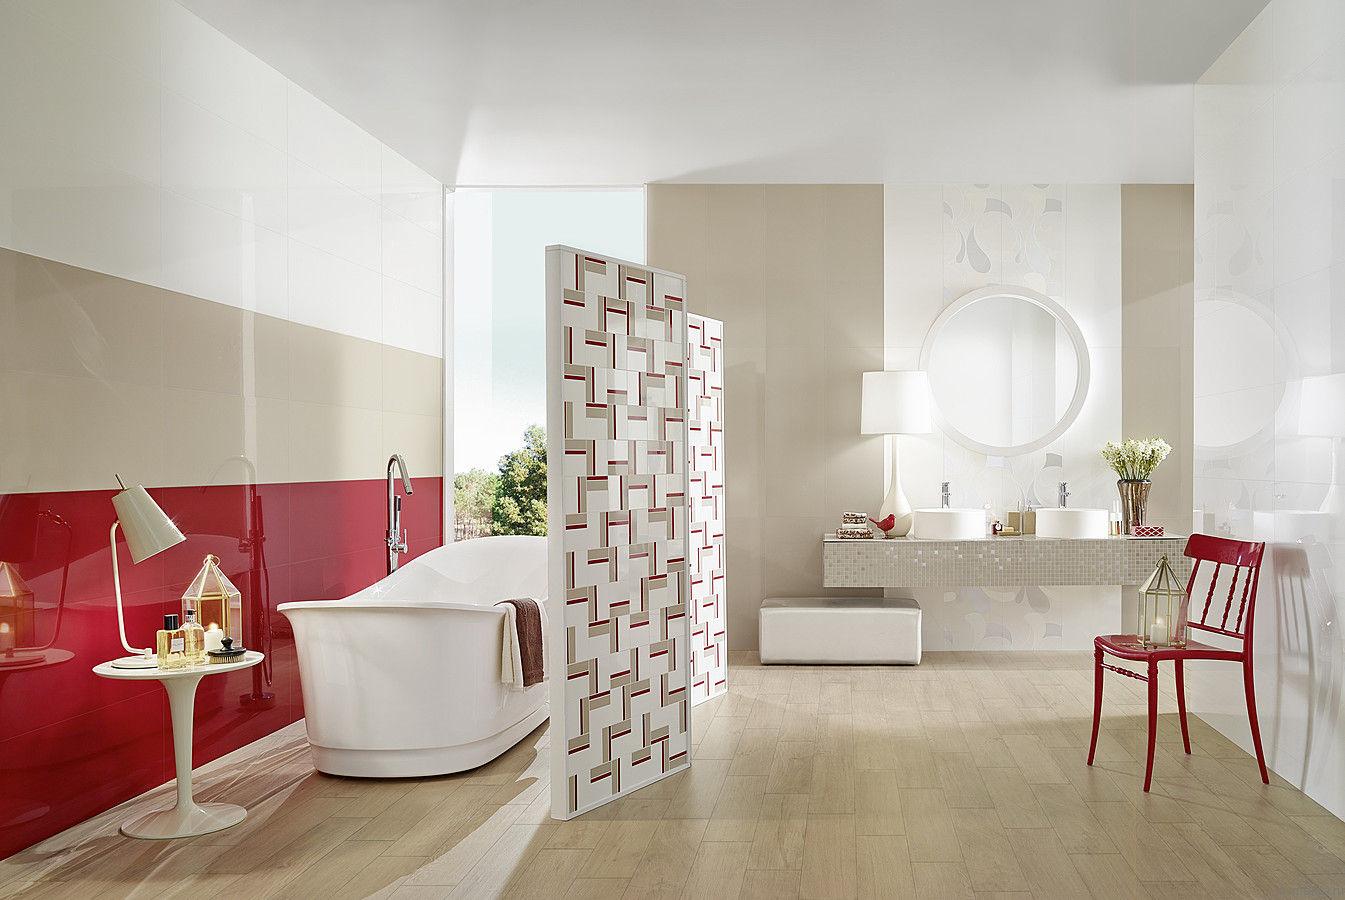 Ceramic tile uses